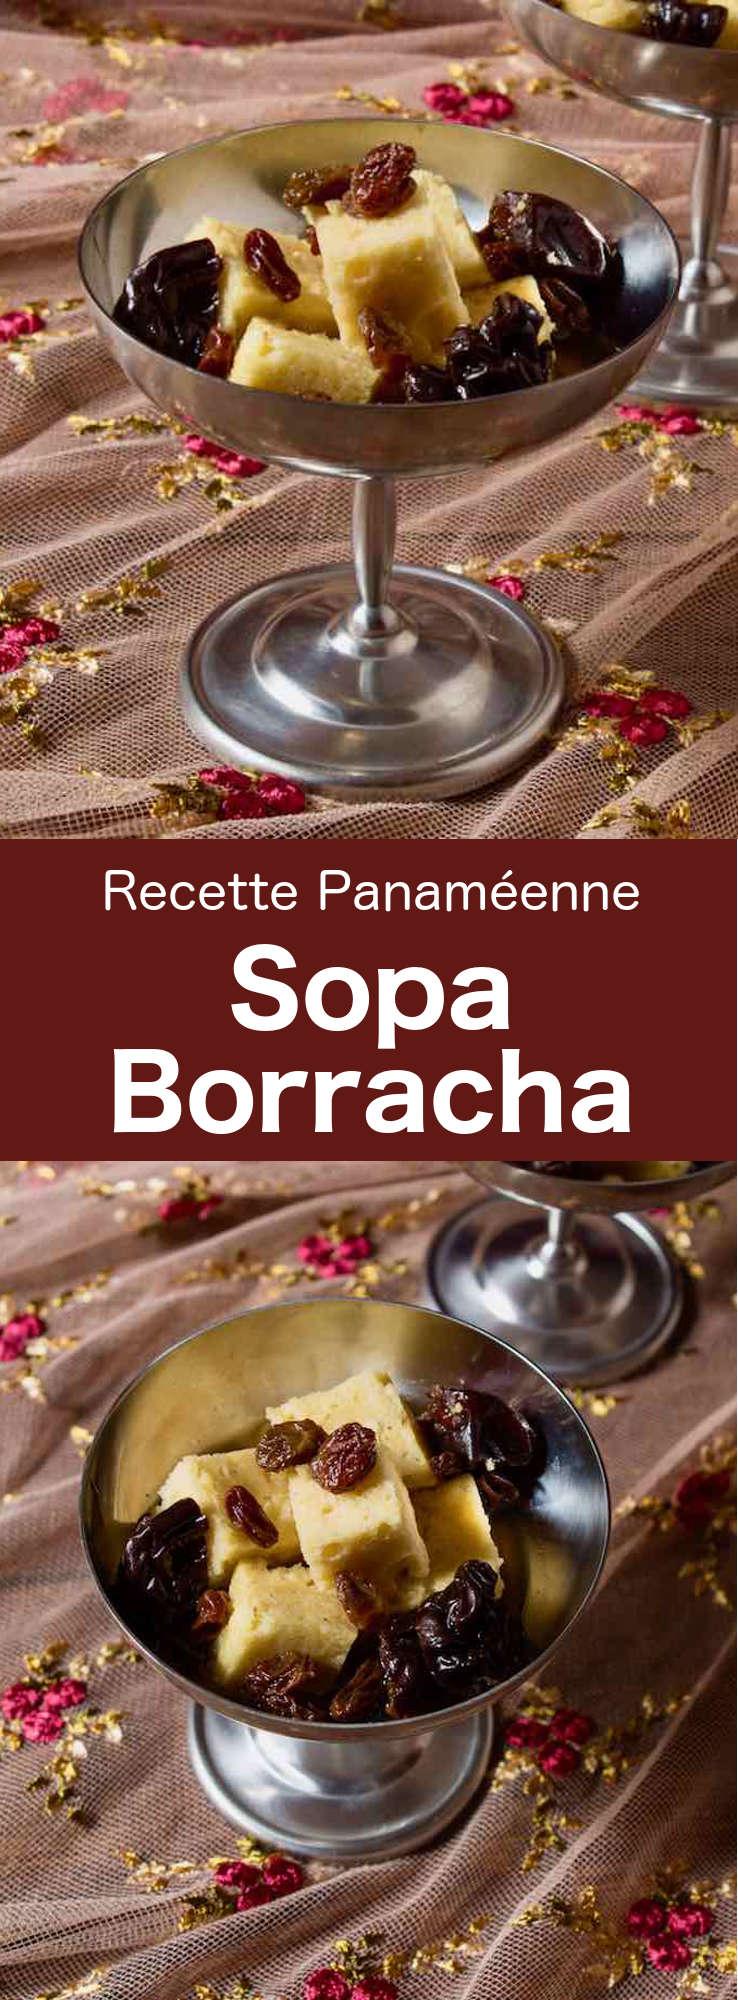 La sopa borracha est un délicieux gâteau traditionnel du Panama qui consiste en une génoise imbibée d'un sirop épicé de rhum et de xérès. #Panama #CuisinePanameenne #AmeriqueCentrale #CuisineDuMonde #196flavors